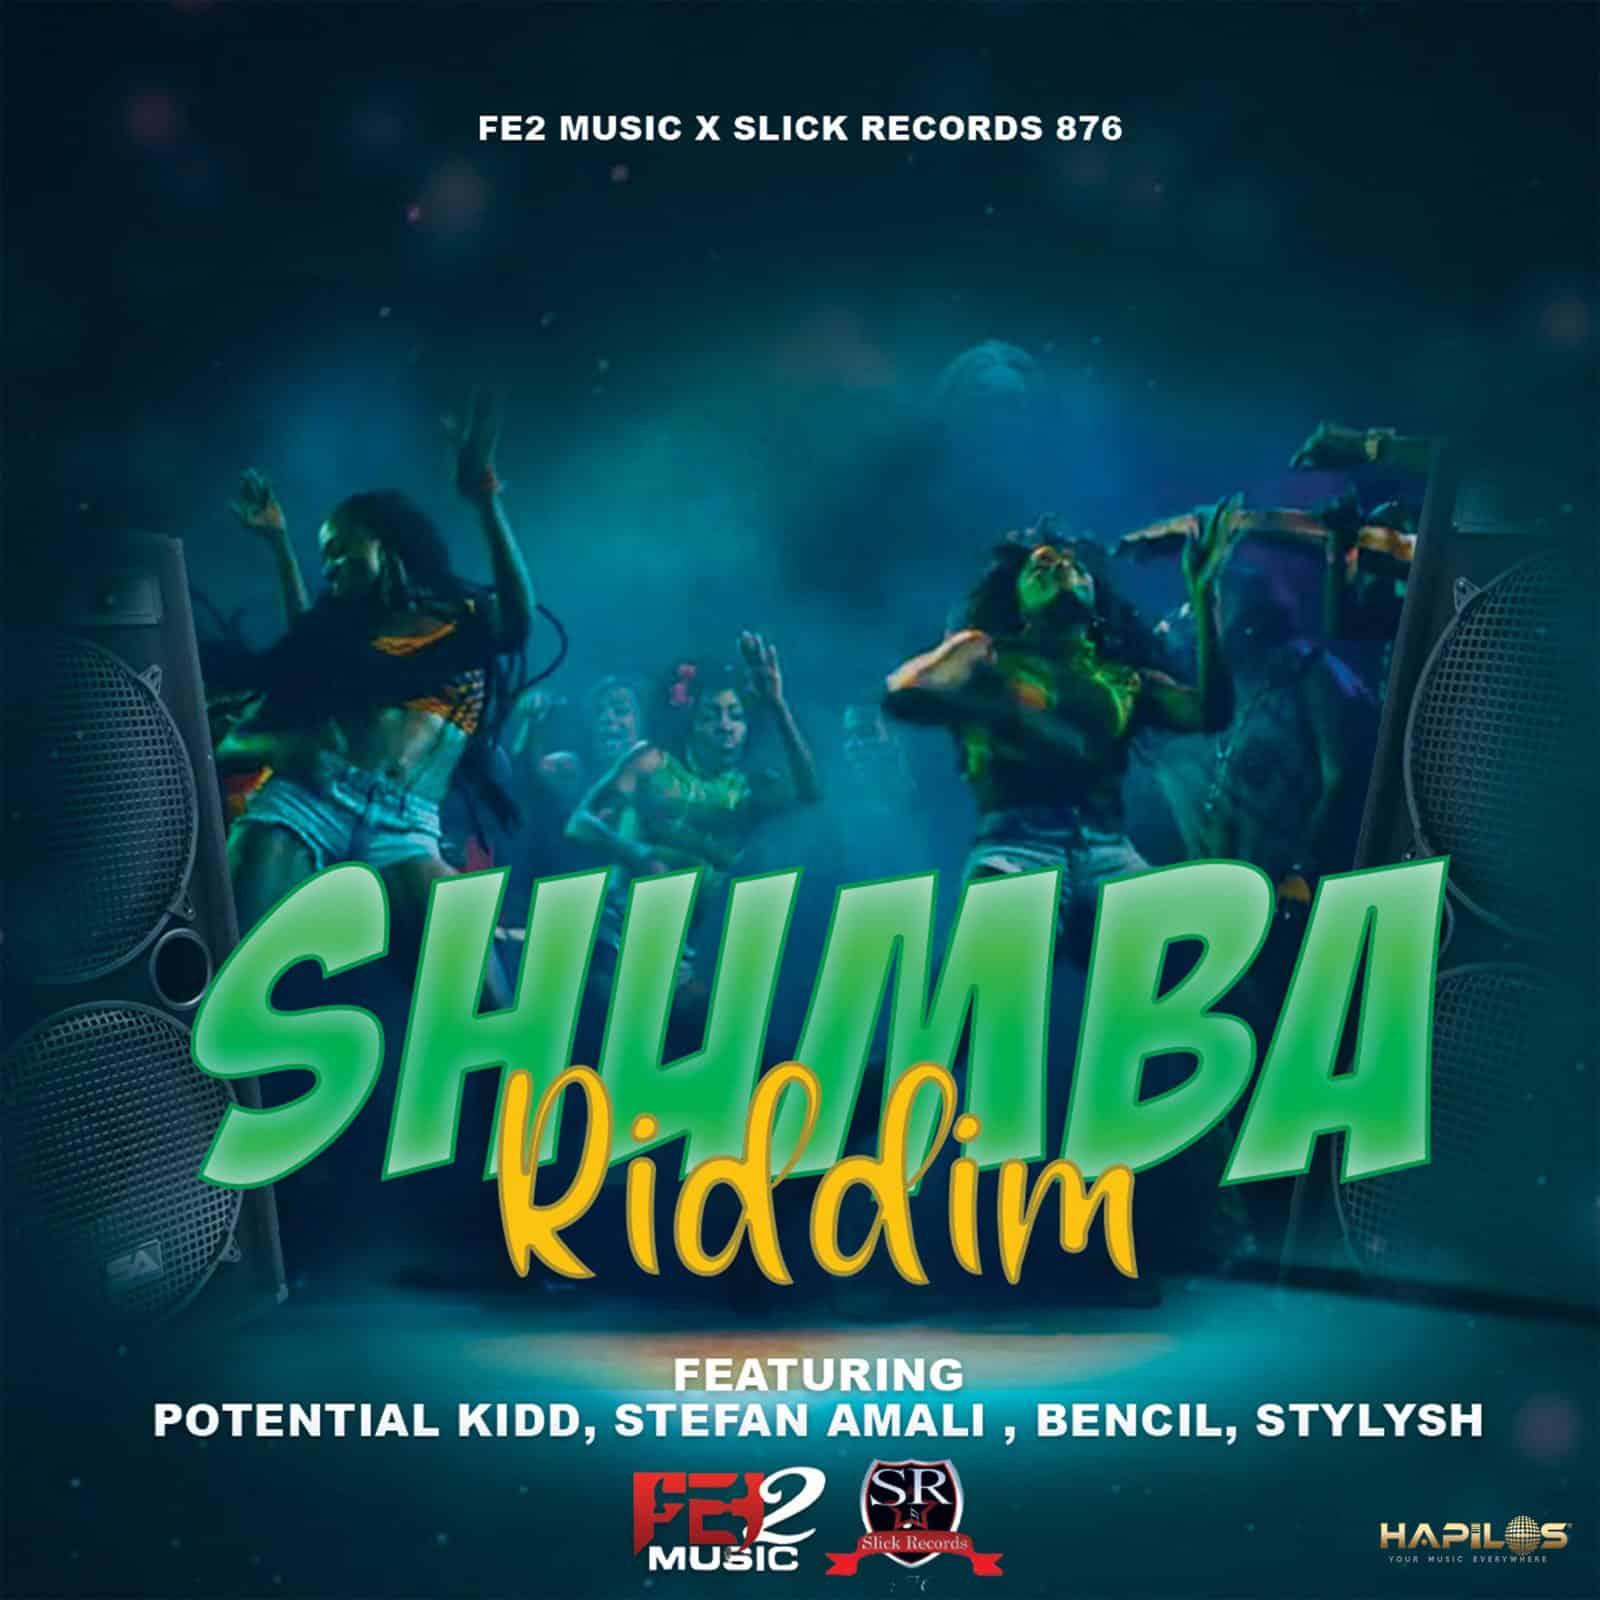 Shumba Riddim - FE2 Music